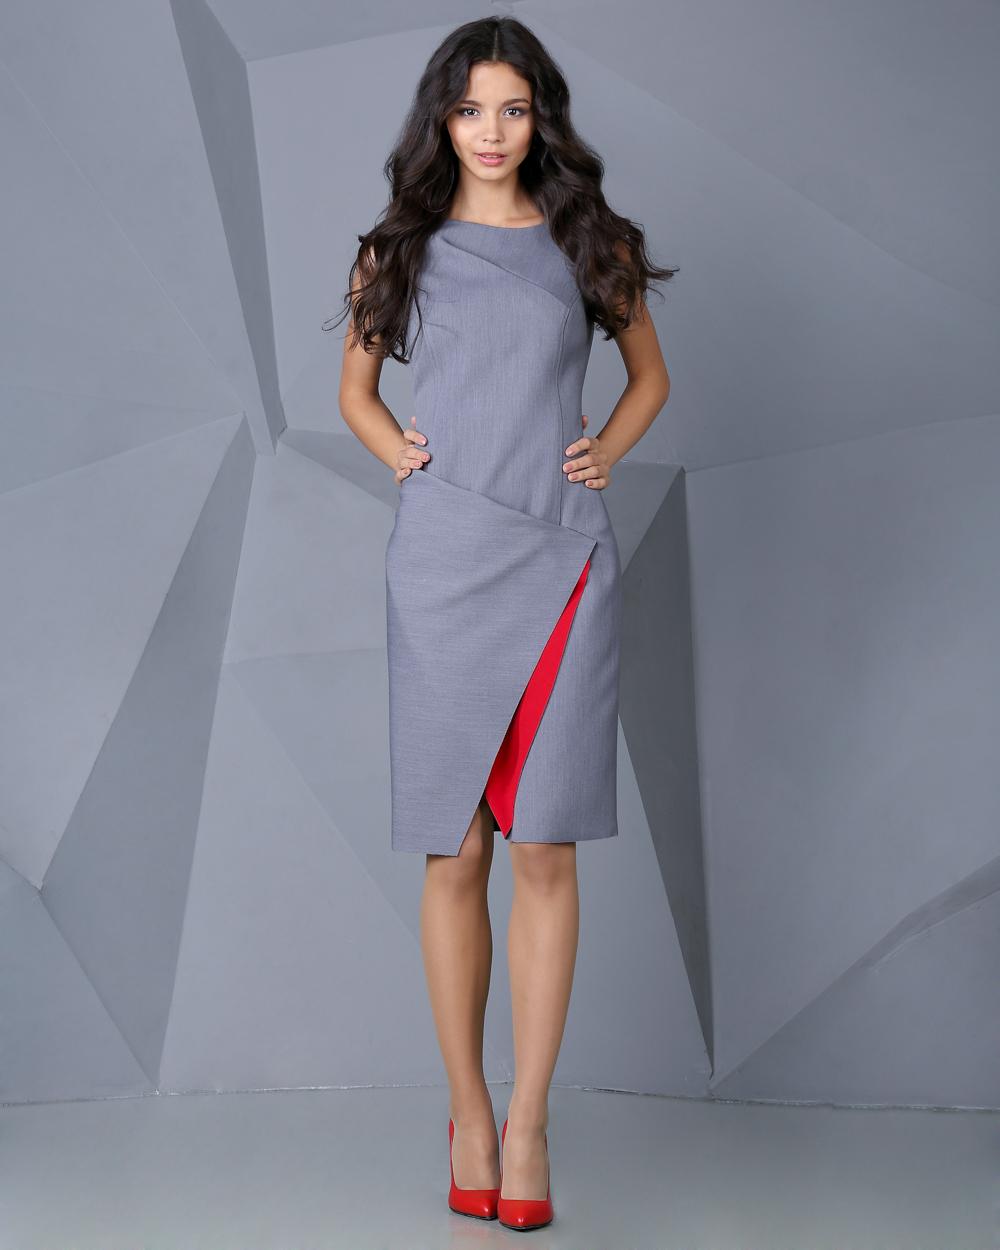 Модные платья на работу 2018